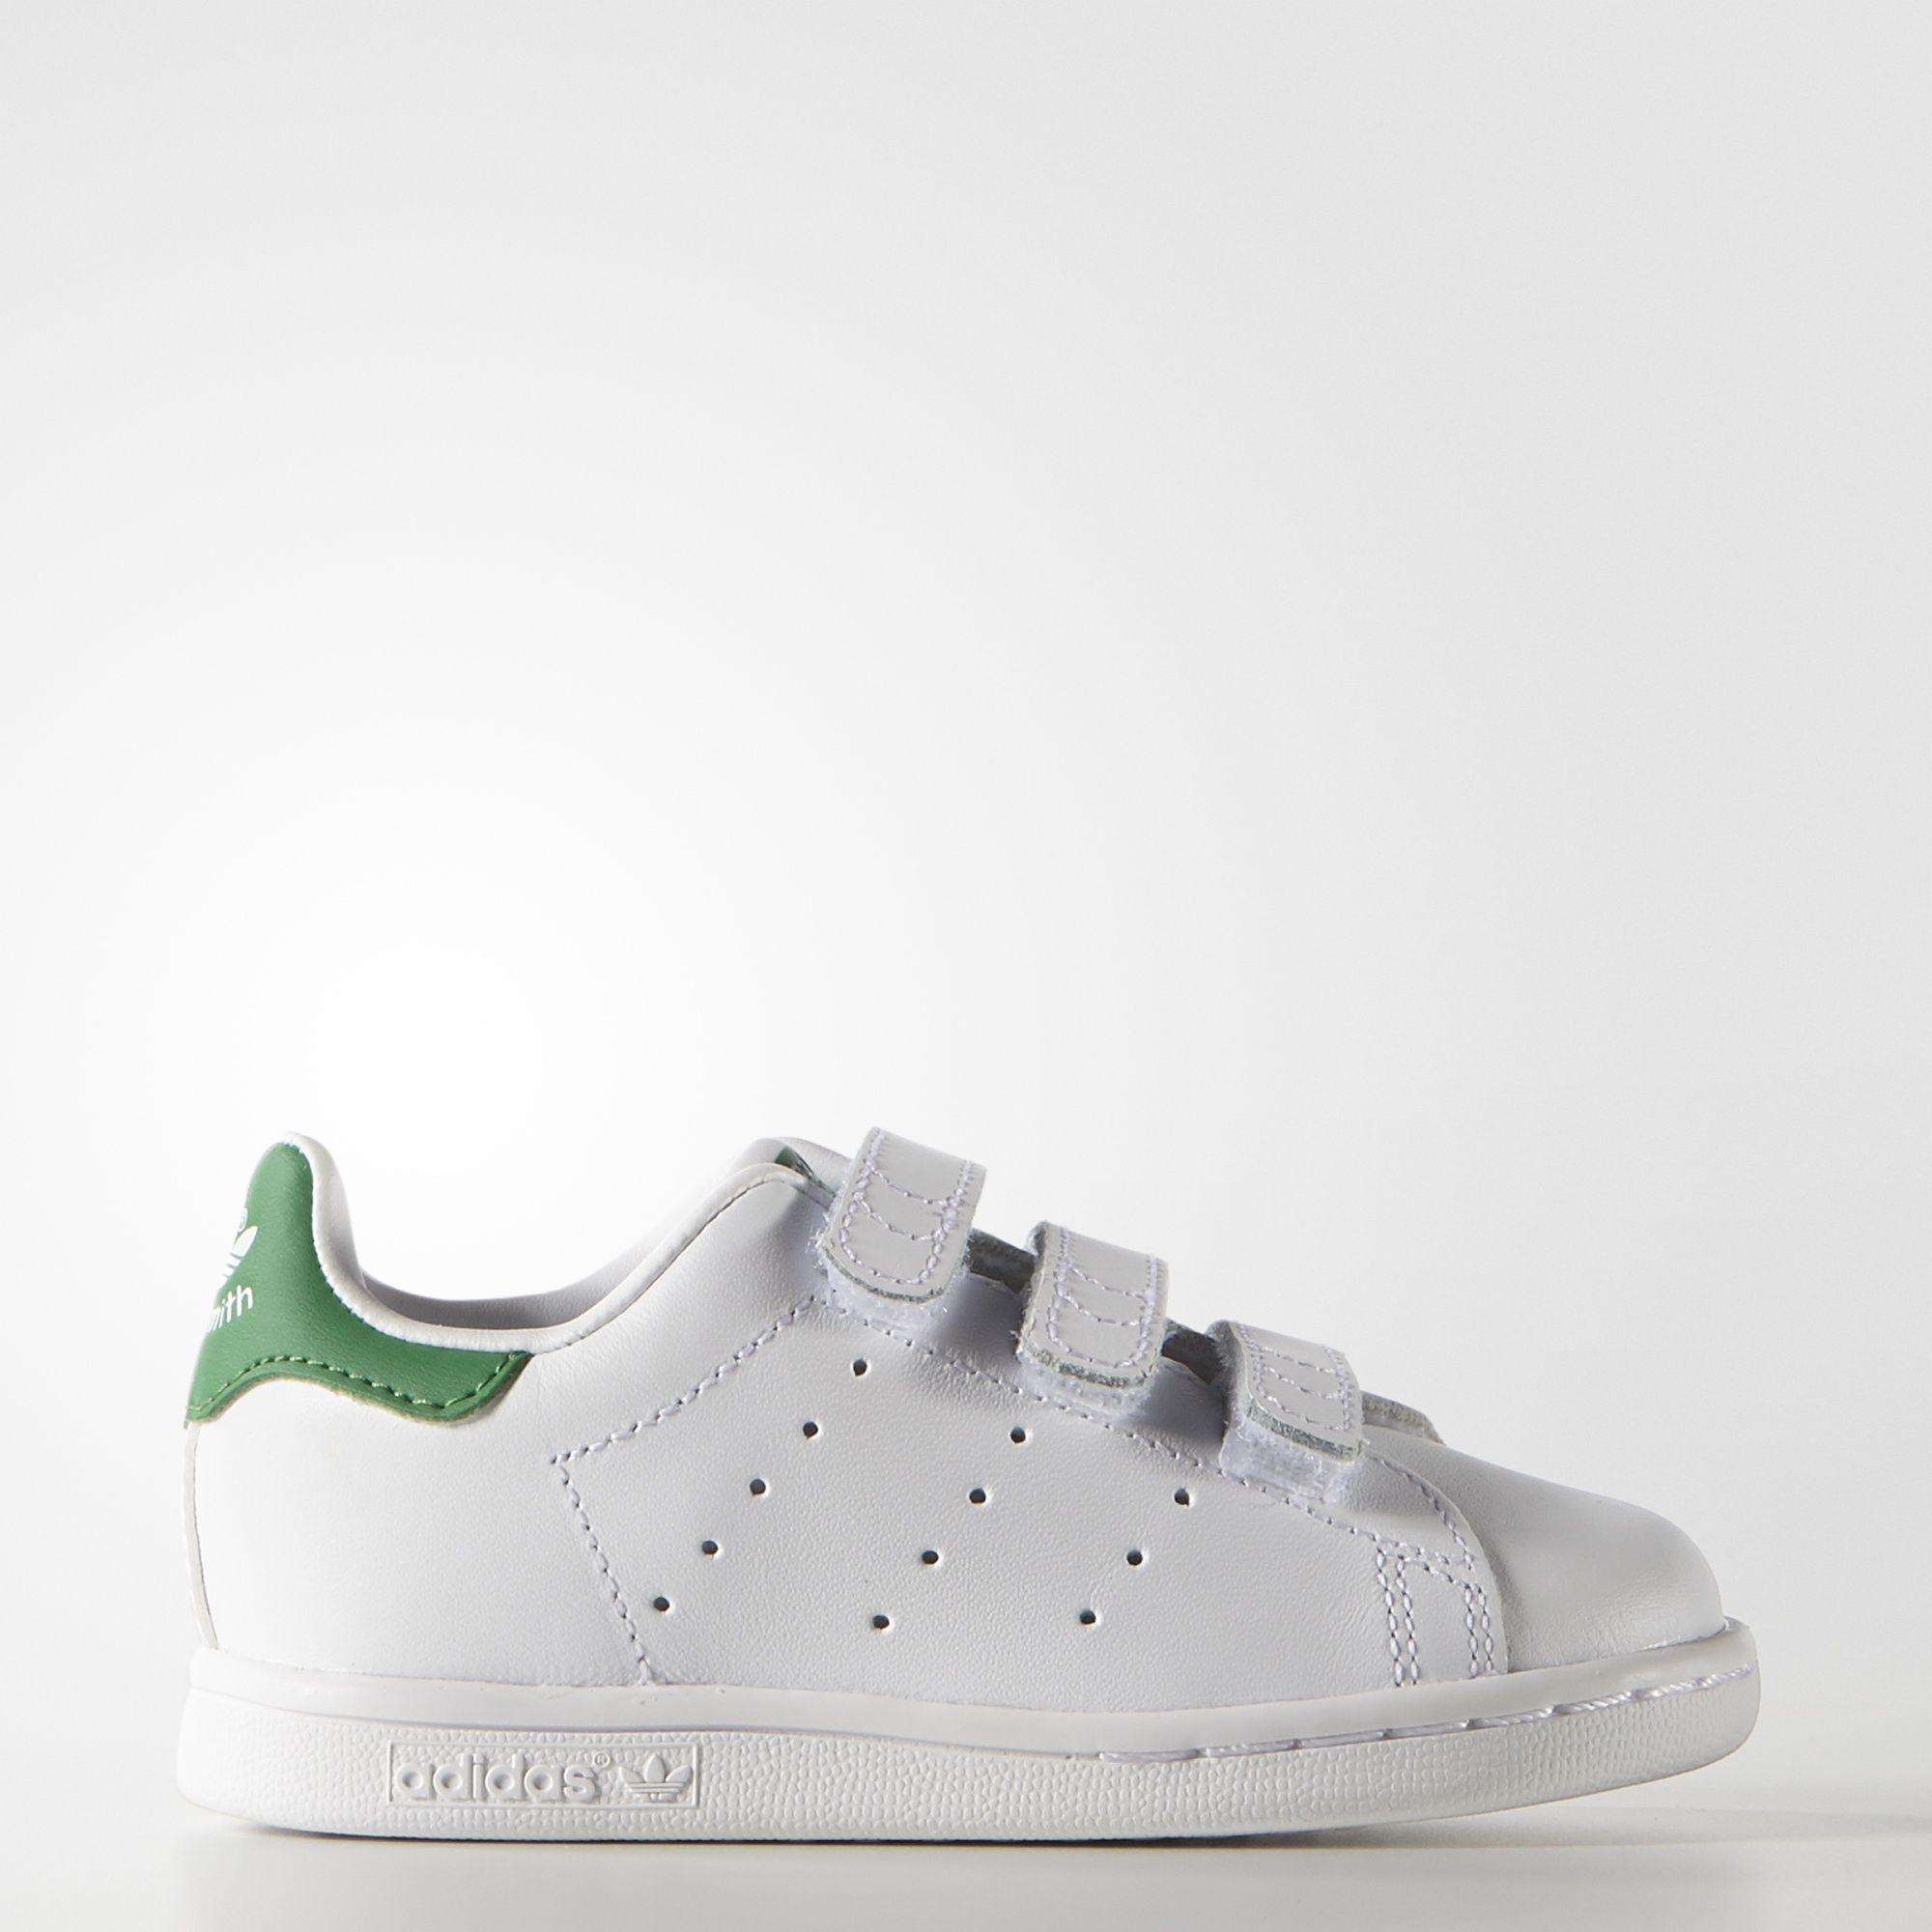 7961c22571d0f Sneakers M20609 Zapatillas Adidas Original Stan Smith Bebe